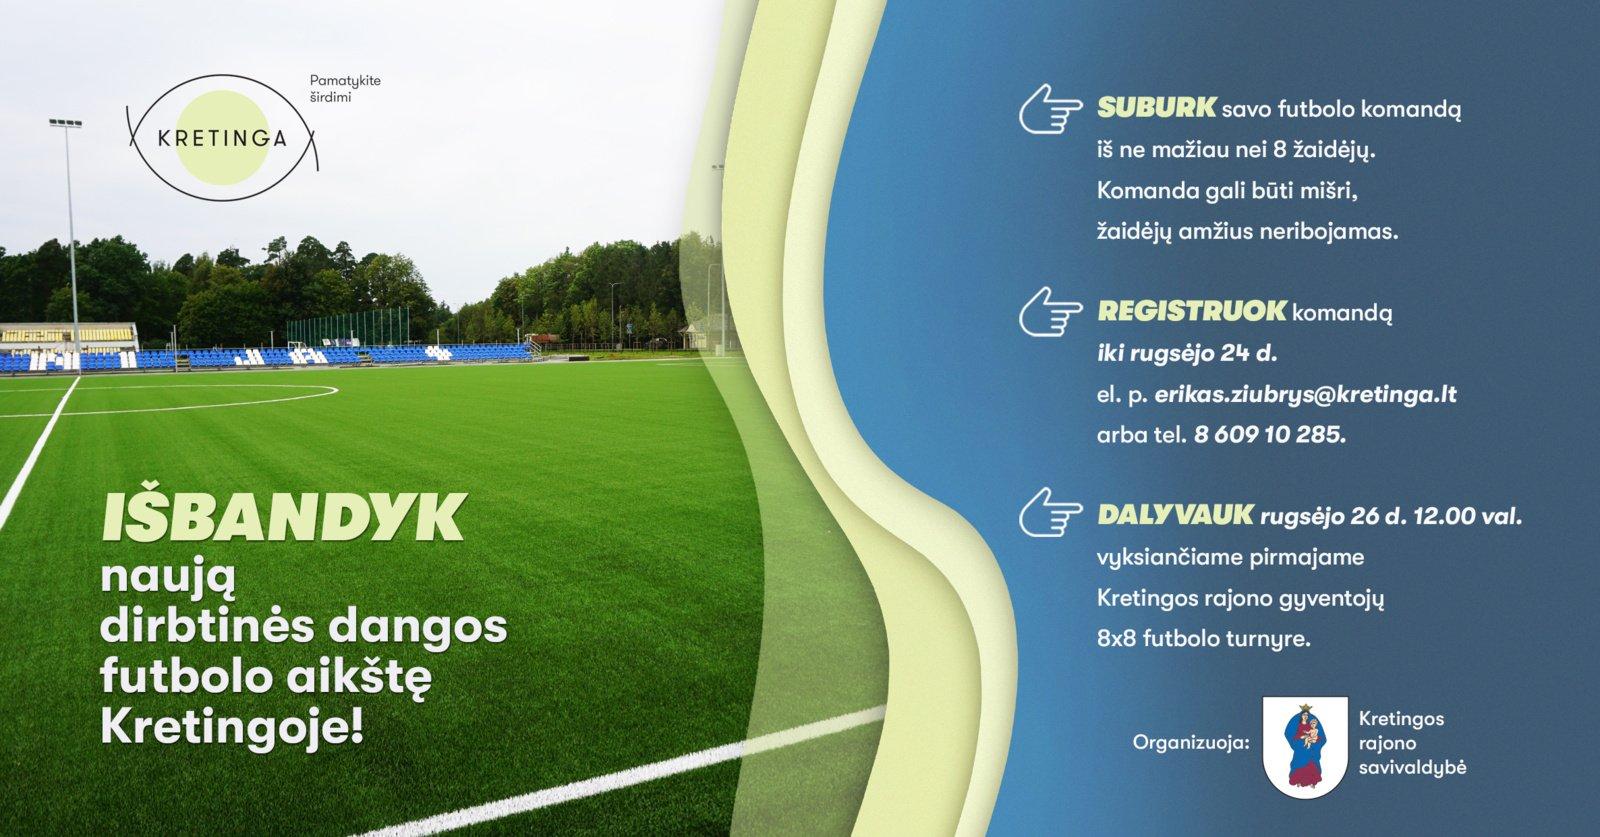 Kviečia išbandyti naują dirbtinės dangos futbolo aikštę Kretingoje